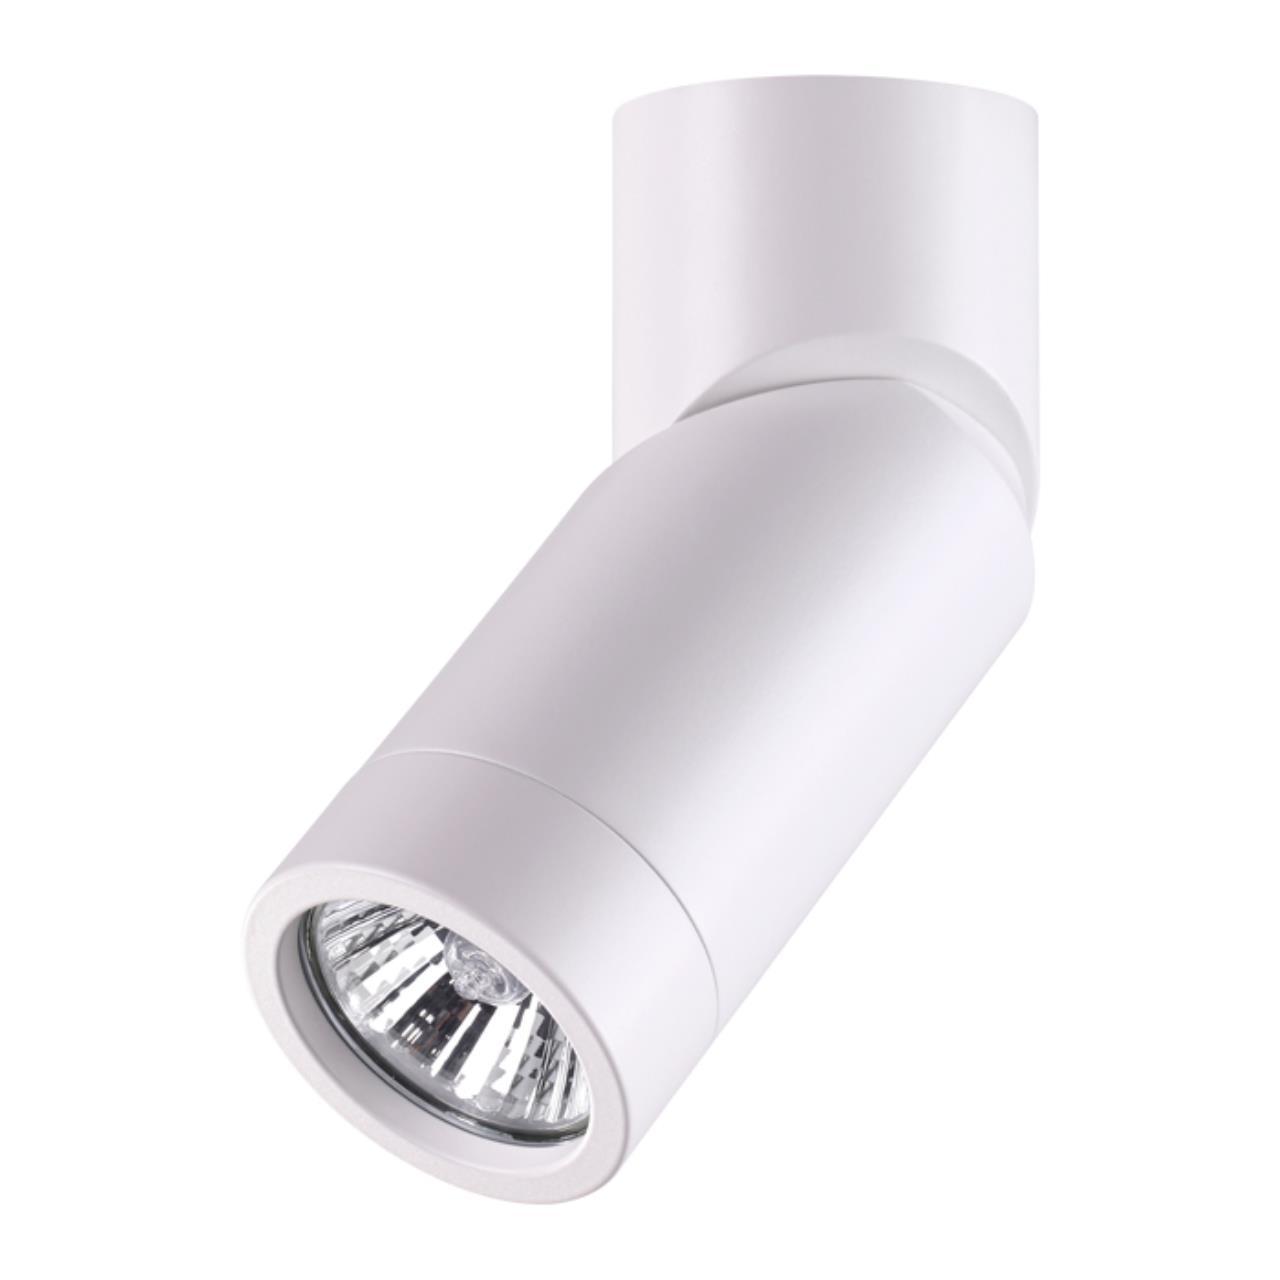 370595 OVER NT19 097 матовый белый Накладной светильник IP20 GU10 50W 220-240V ELITE